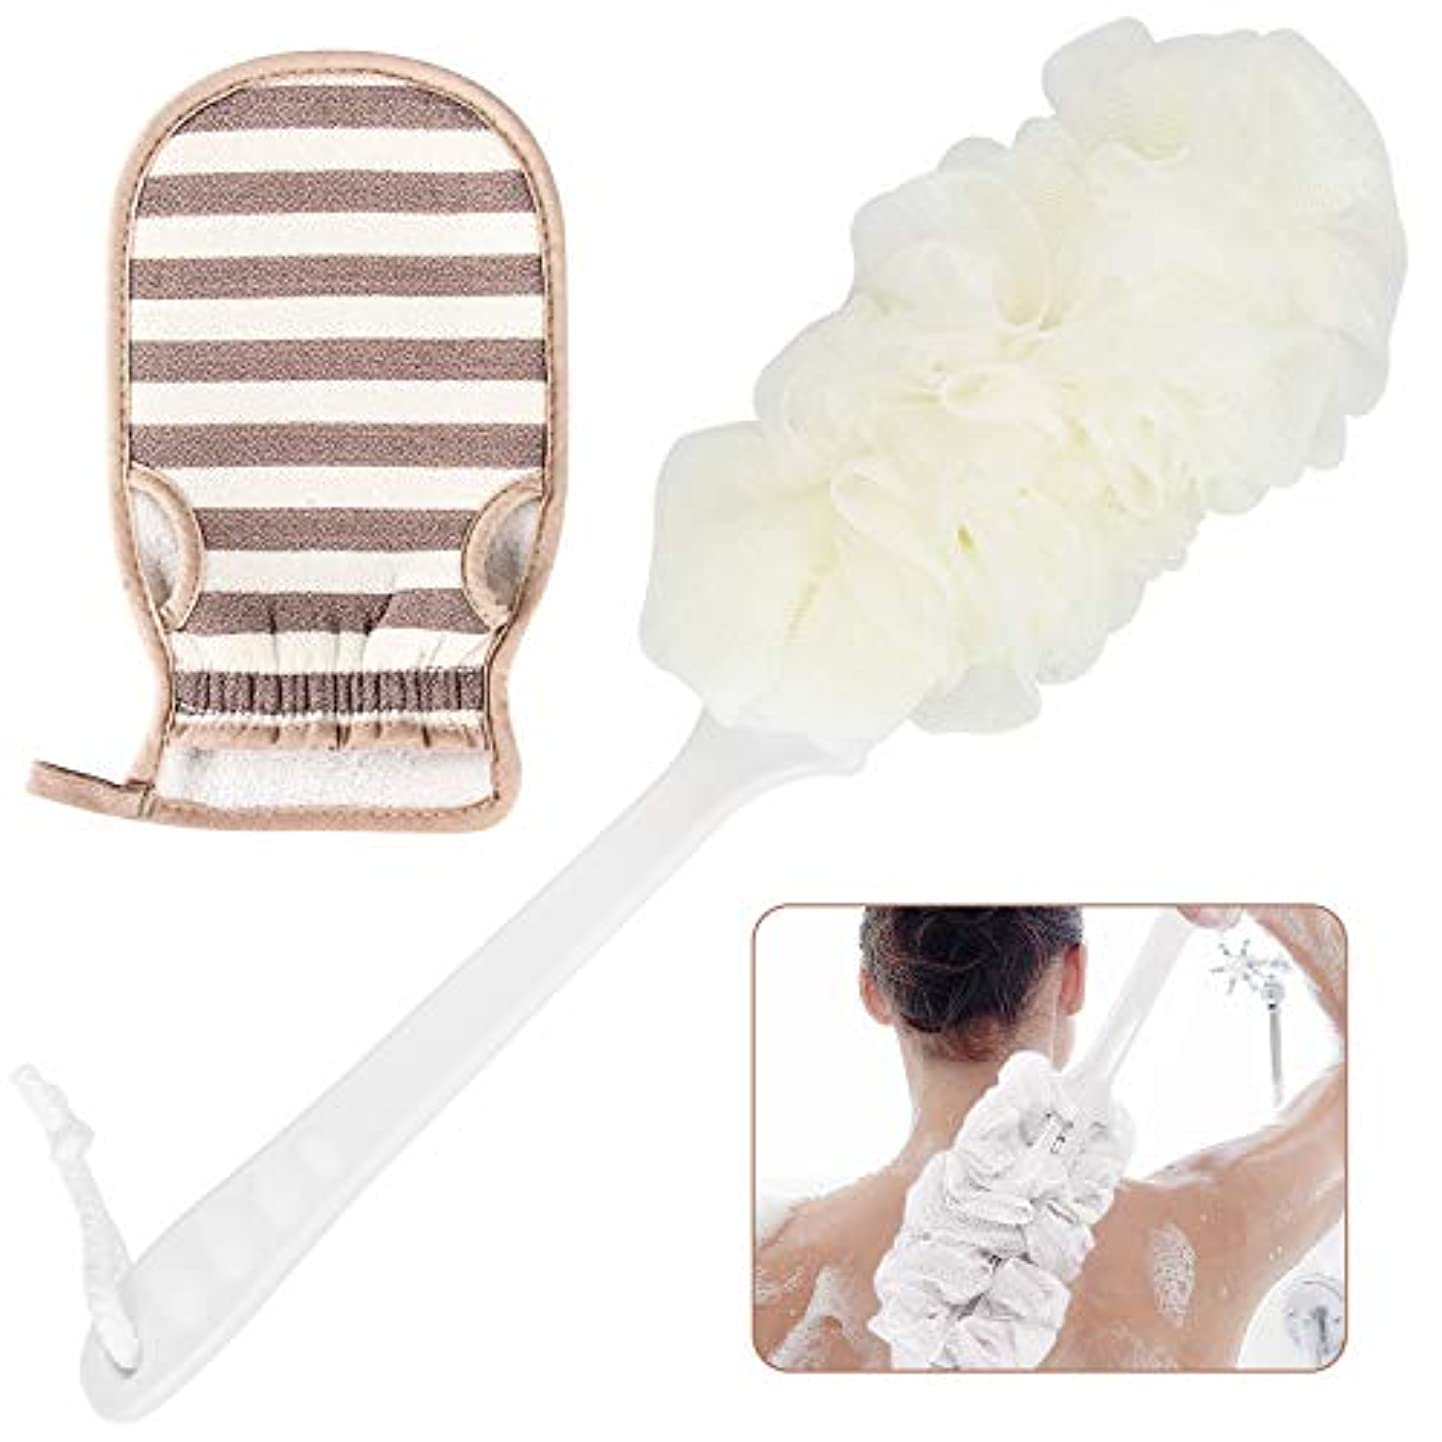 ボディブラシ 体洗いブラシ ボディタオル 背中 ブラシ ニキビ 角質とり お風呂用 シャワーブラシ 柔らかい 泡立ち あかすり 長柄 マッサージブラシ カビ防止 美肌効果 バスグッズ 2セット